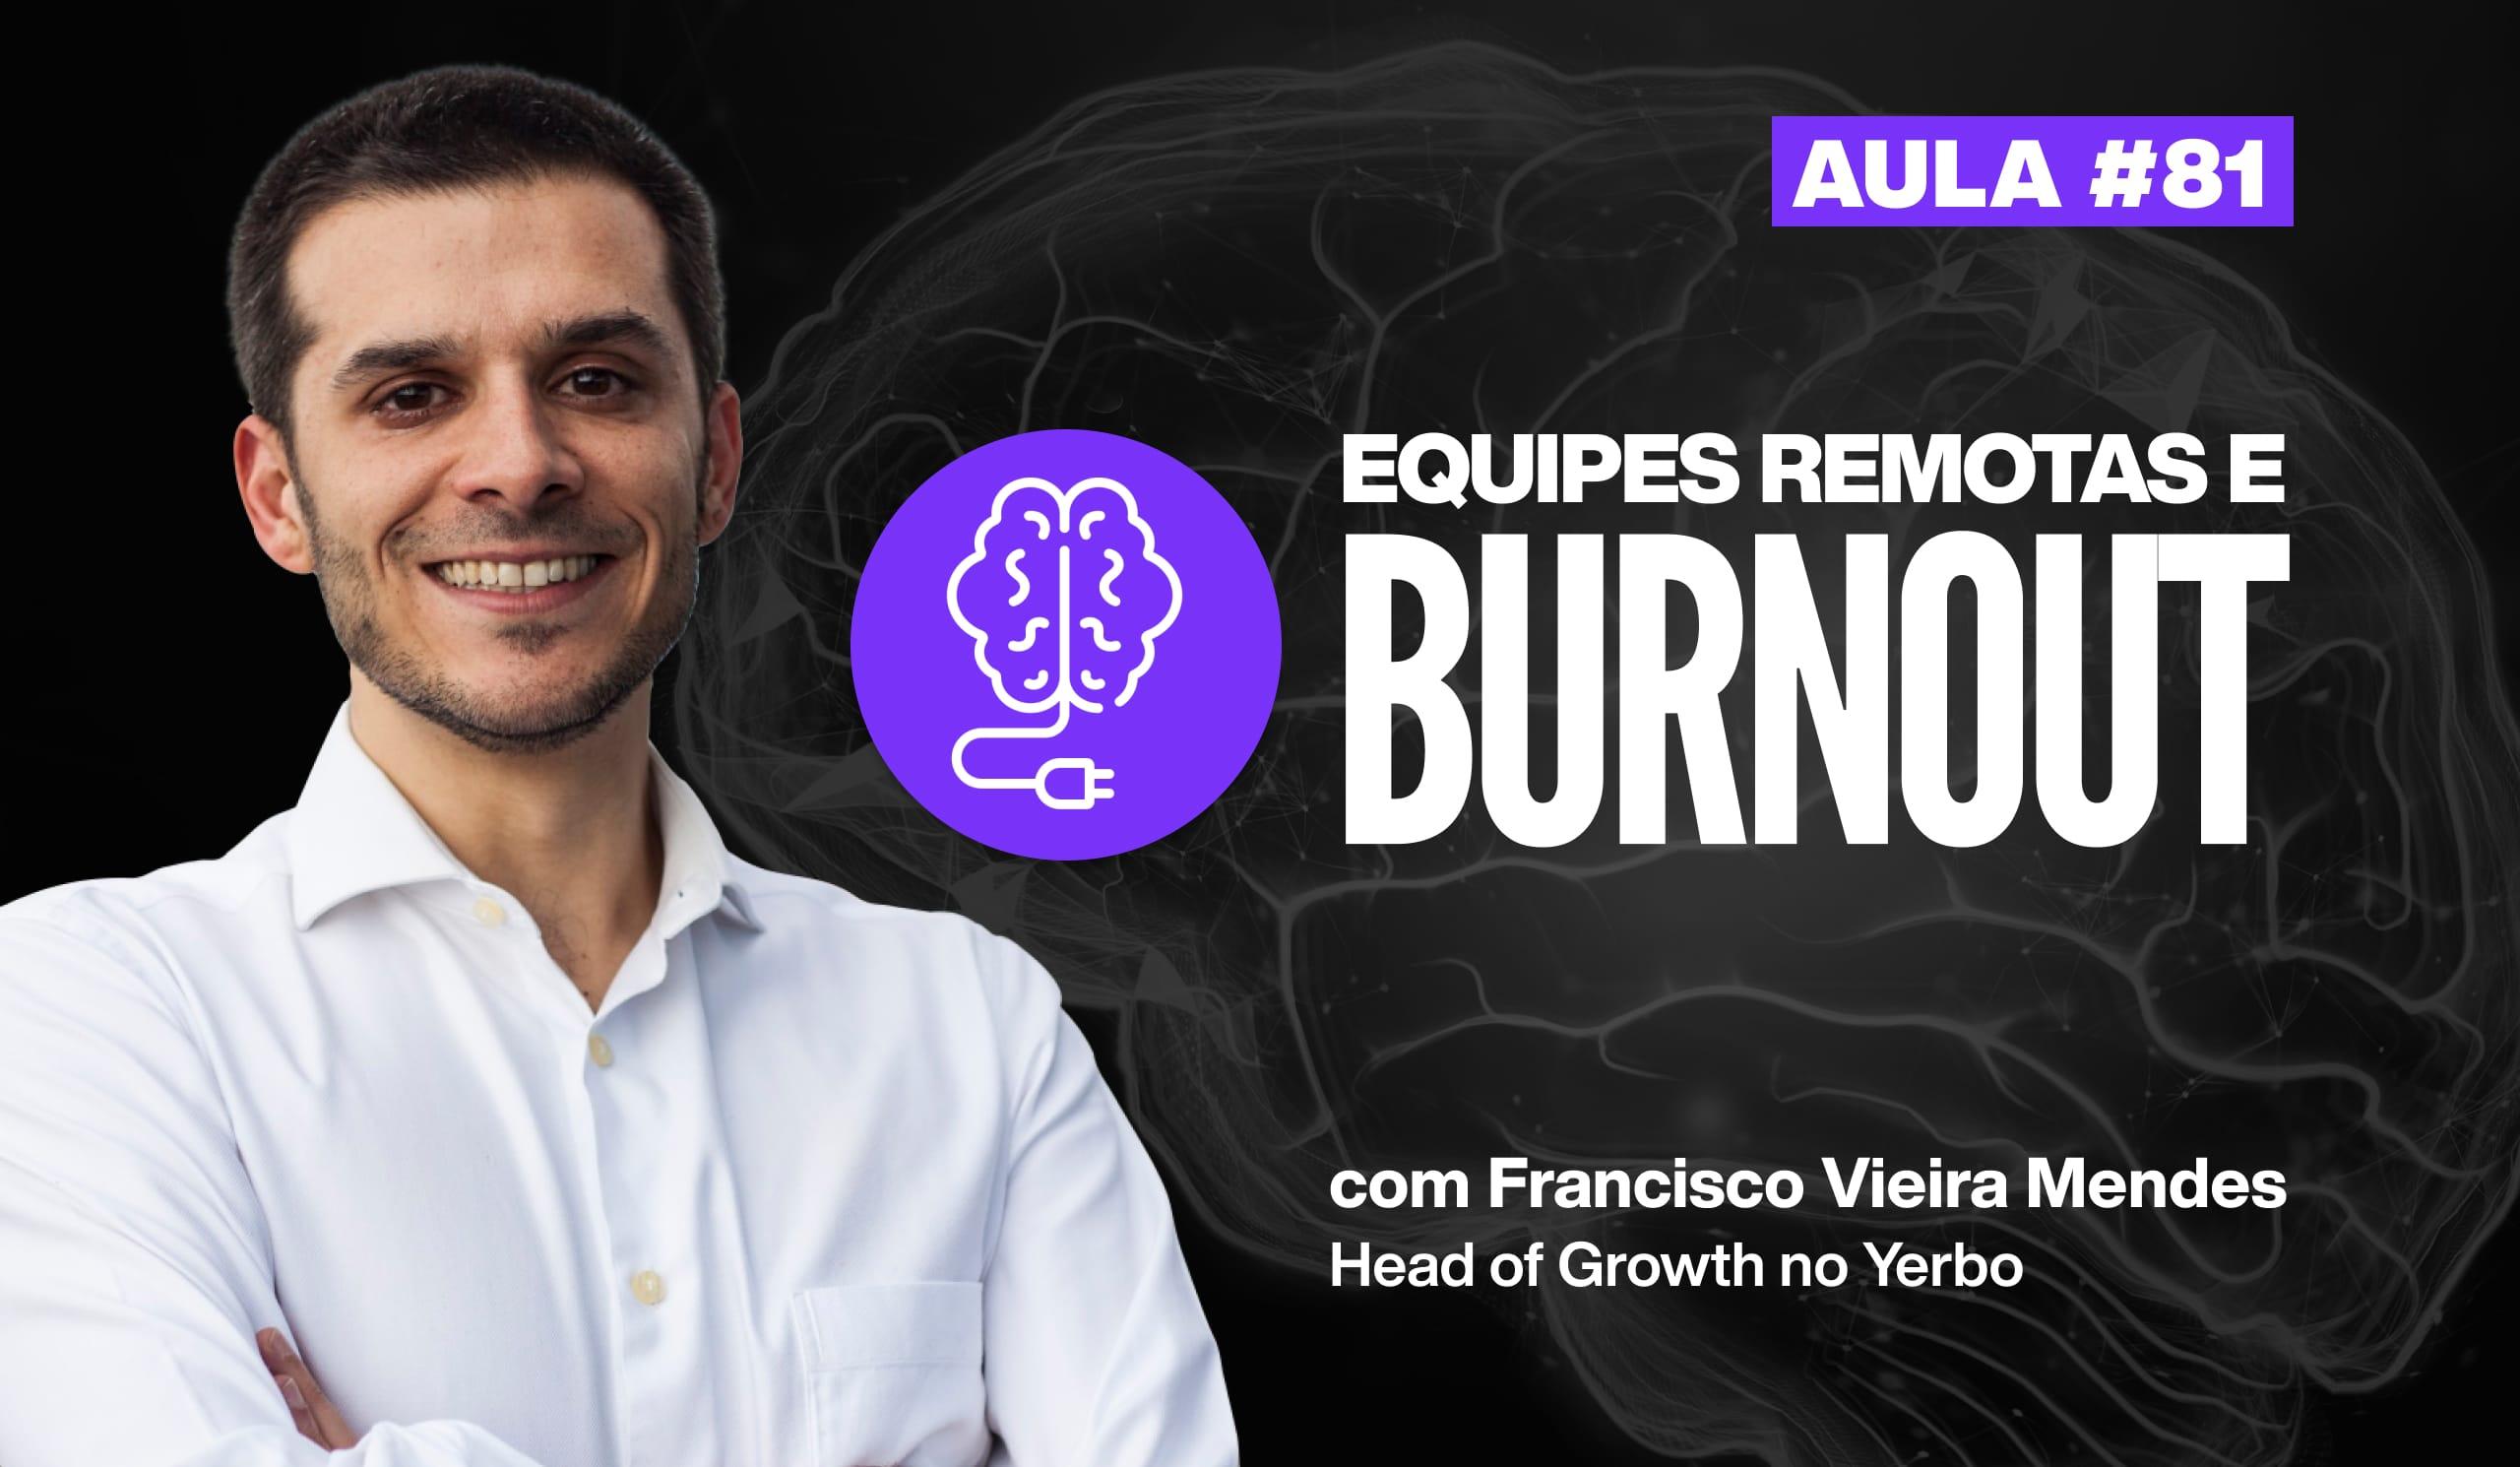 Como prevenir o burnout em equipes remotas